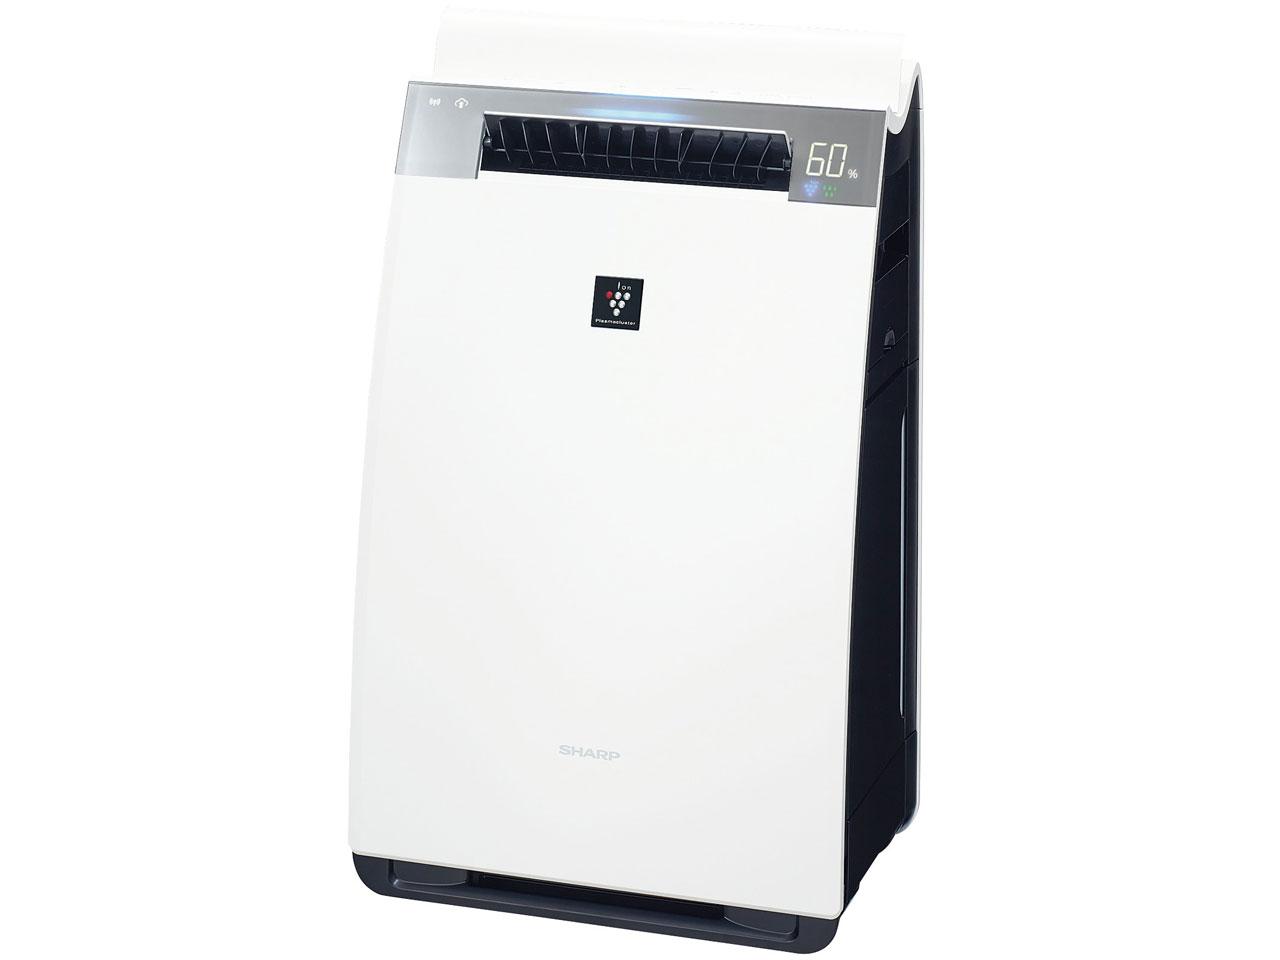 シャープ プラズマクラスター加湿空気清浄機 「プラズマクラスター25000」搭載 KI-JX75-W(ホワイト系)[KIJX75W]